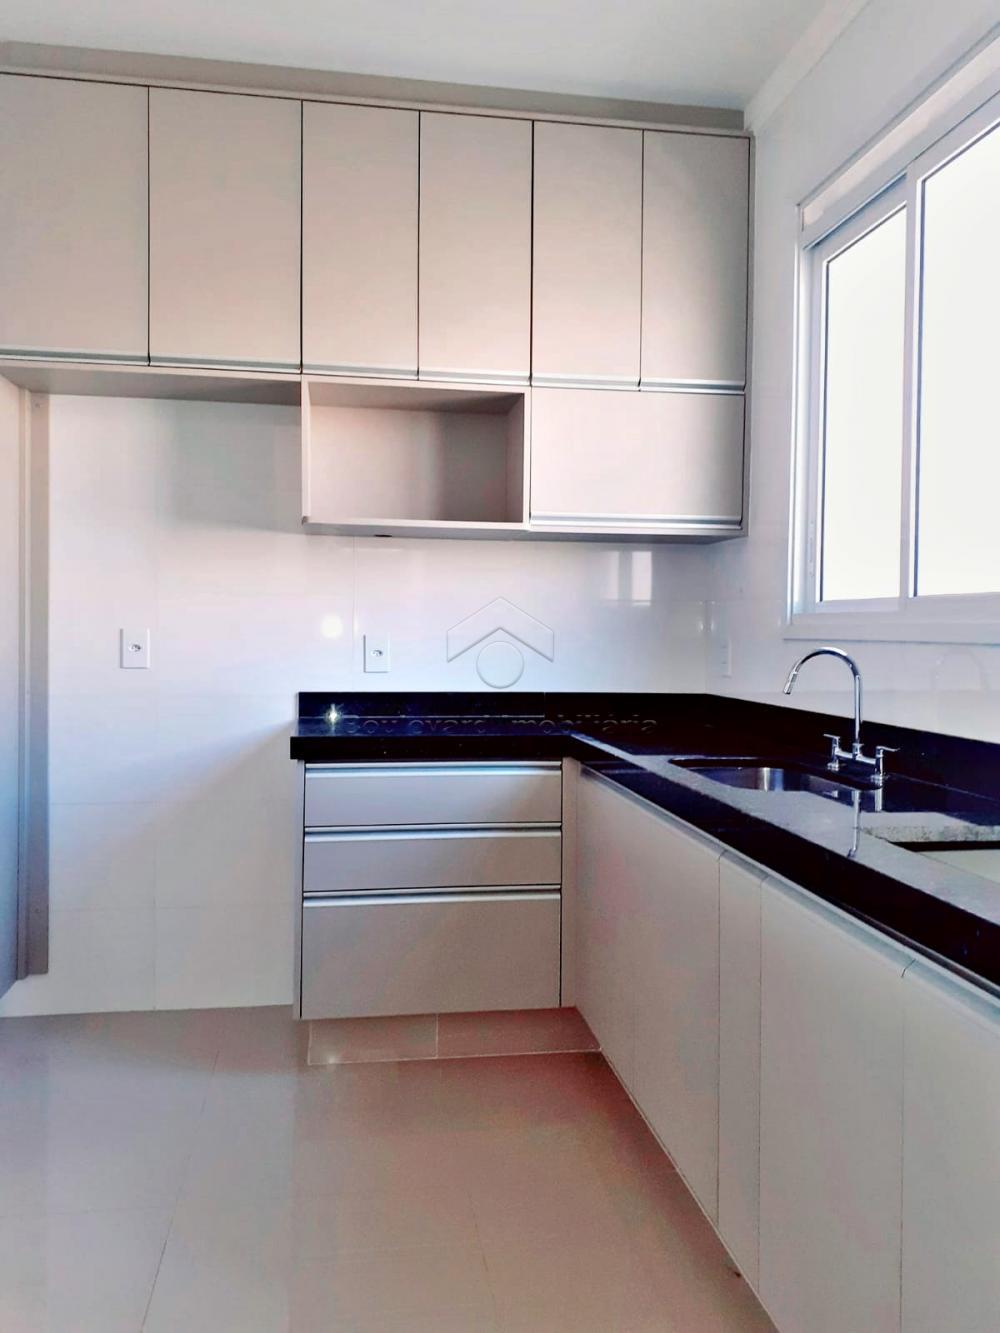 Alugar Apartamento / Padrão em Ribeirão Preto R$ 2.950,00 - Foto 24